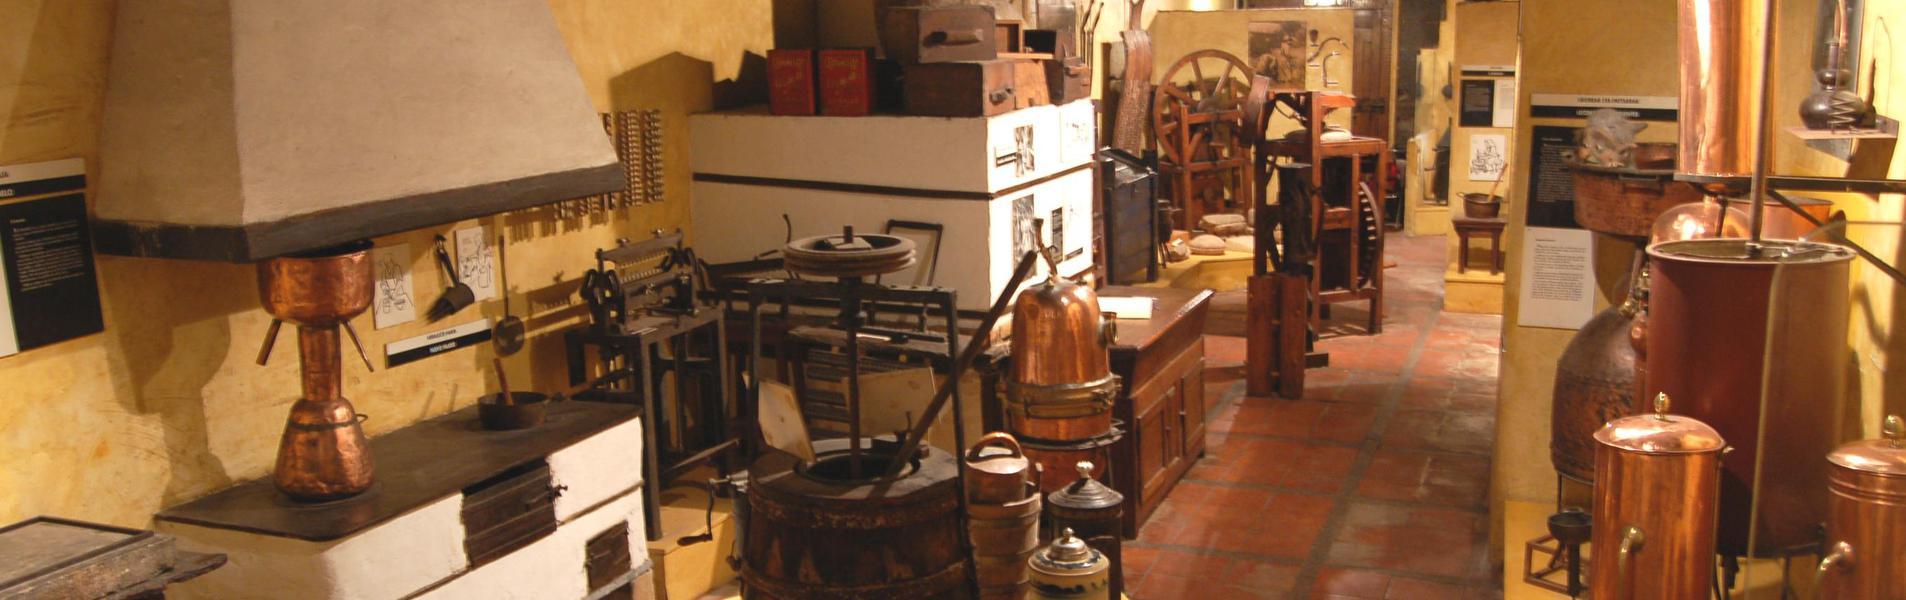 Museo de confitería Gorrotxategi